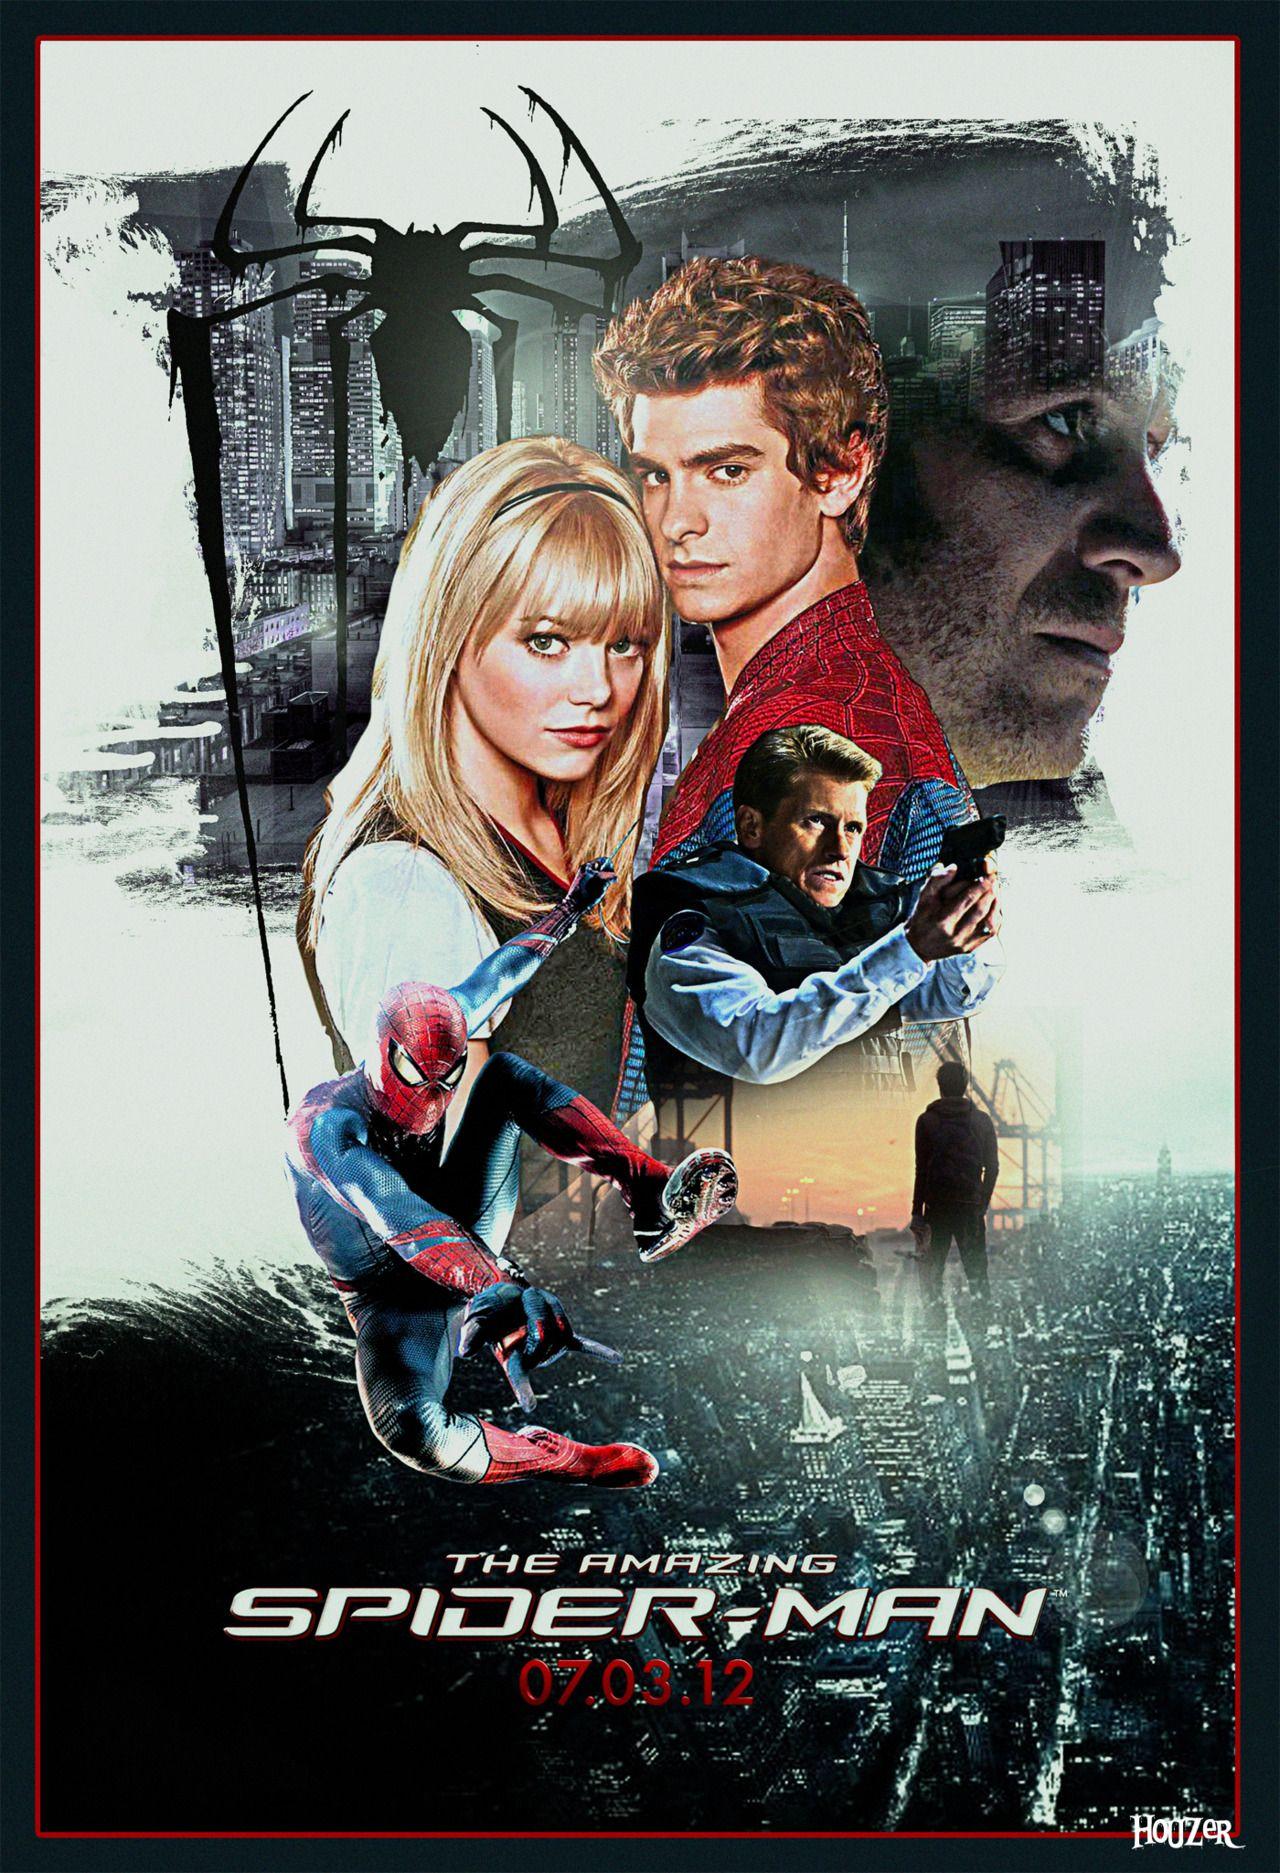 Amazing Spider Man Poster Art Geek Movies Spiderman Amazing Spiderman